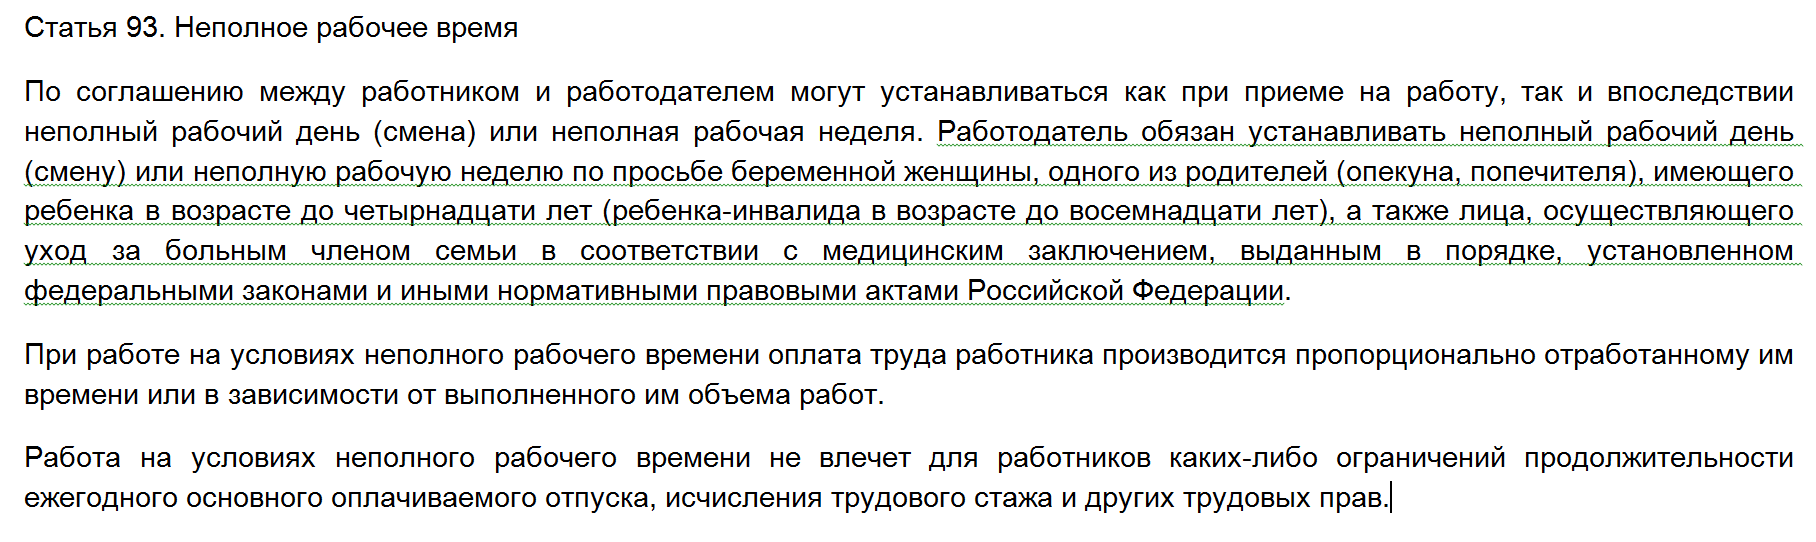 обязательный перевод на полставки